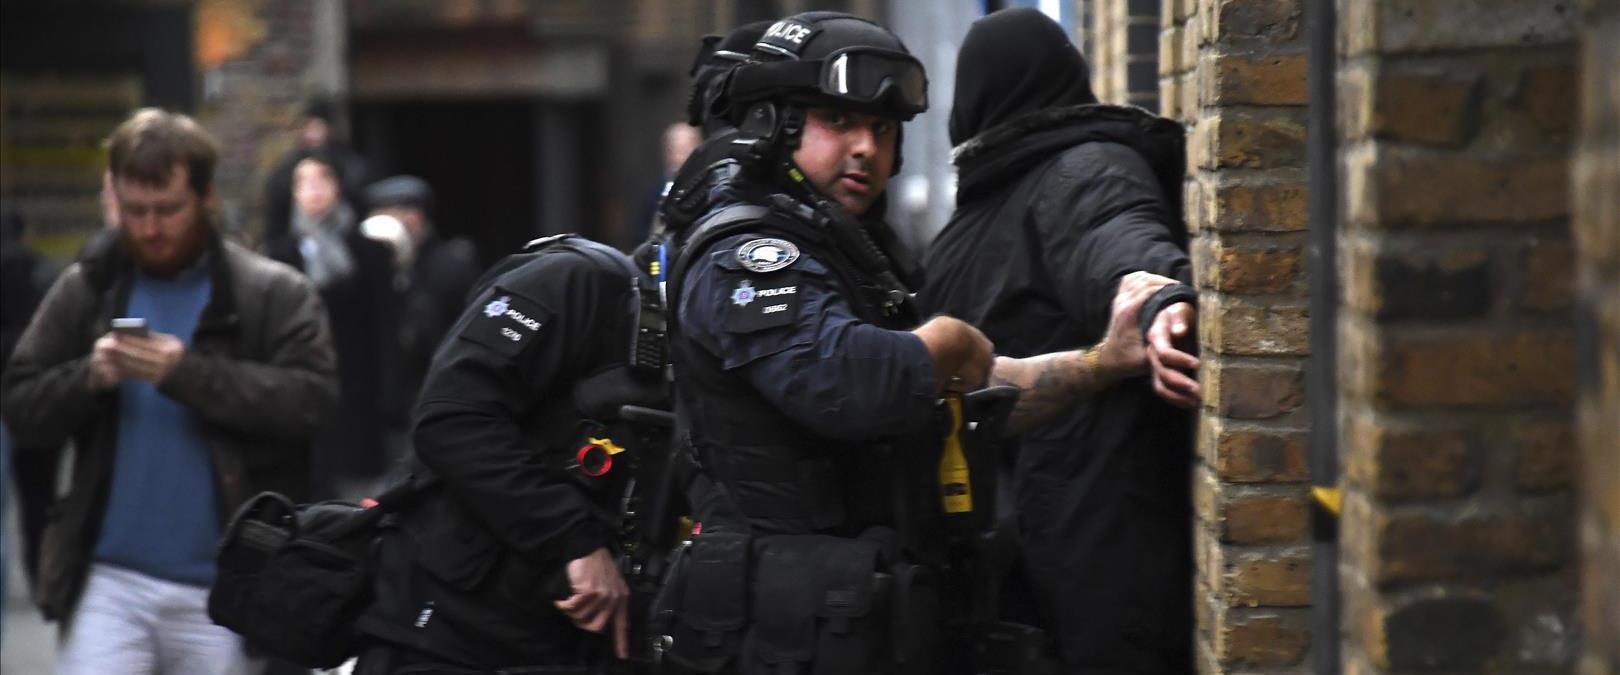 מעצר חשוד באירוע הדקירה בלונדון